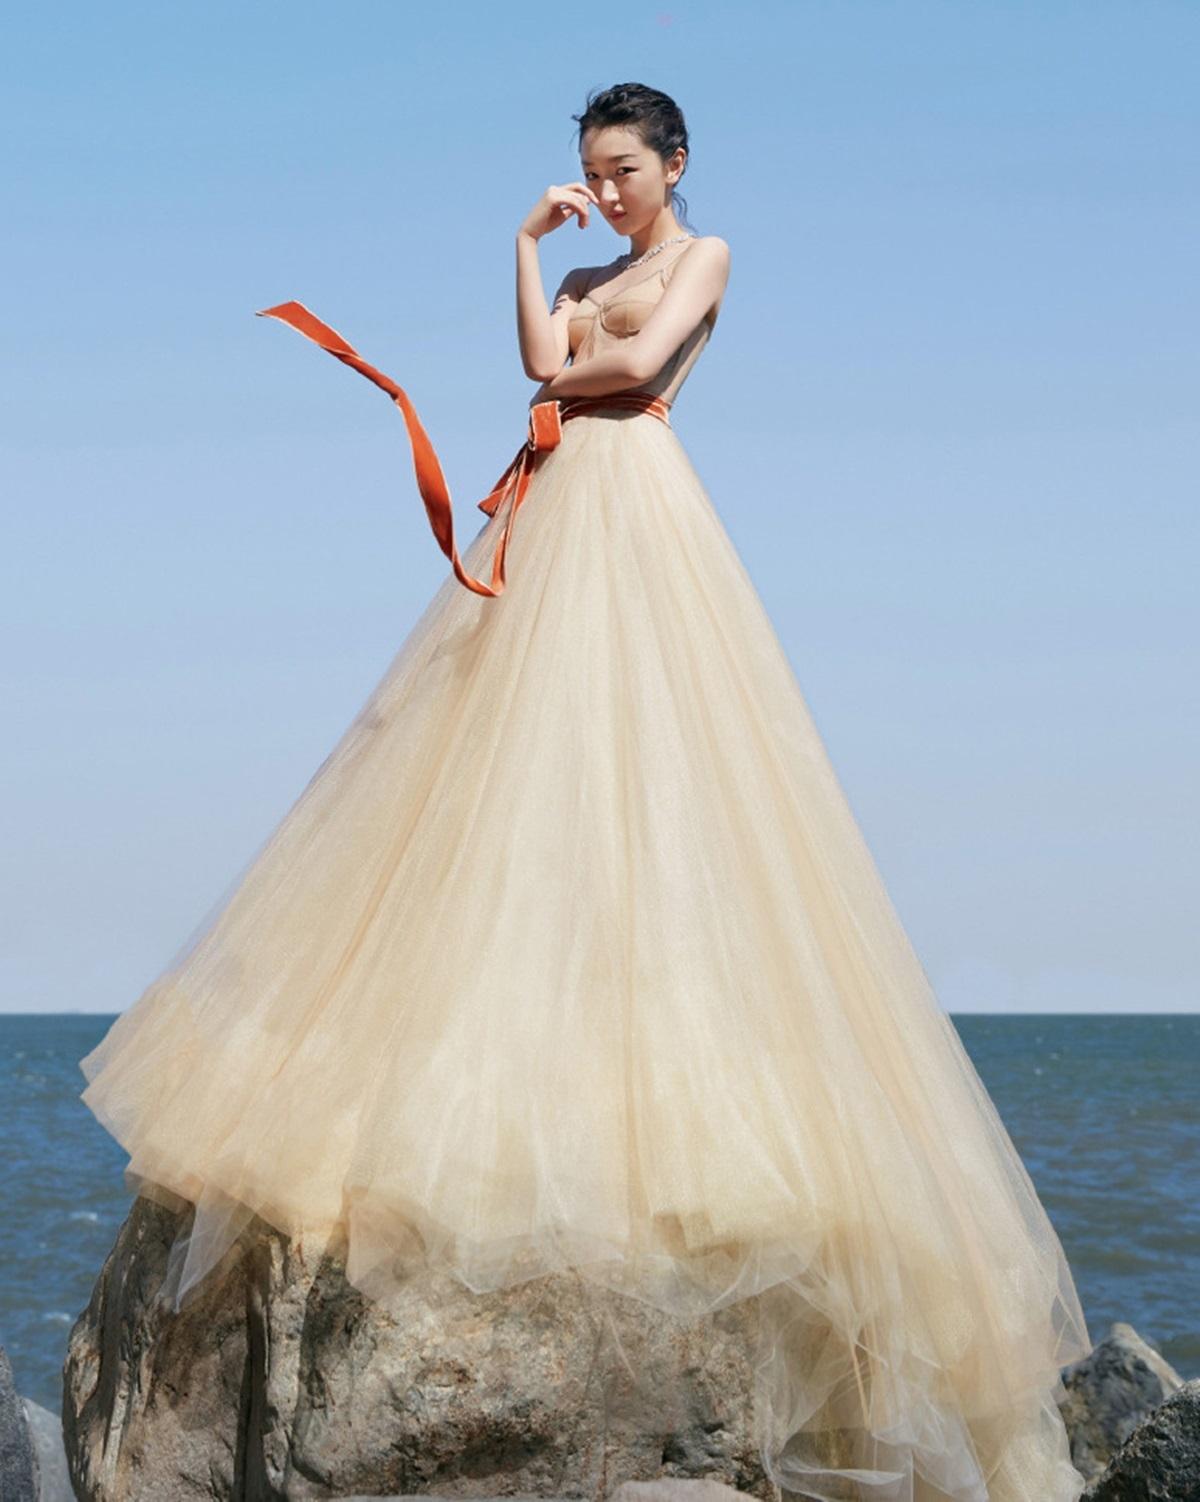 Tại Liên hoan phim Kim Kê, người đẹp 28 tuổi được ví như đóa hoa trên biển với mẫu váy nude của Vera Wang.